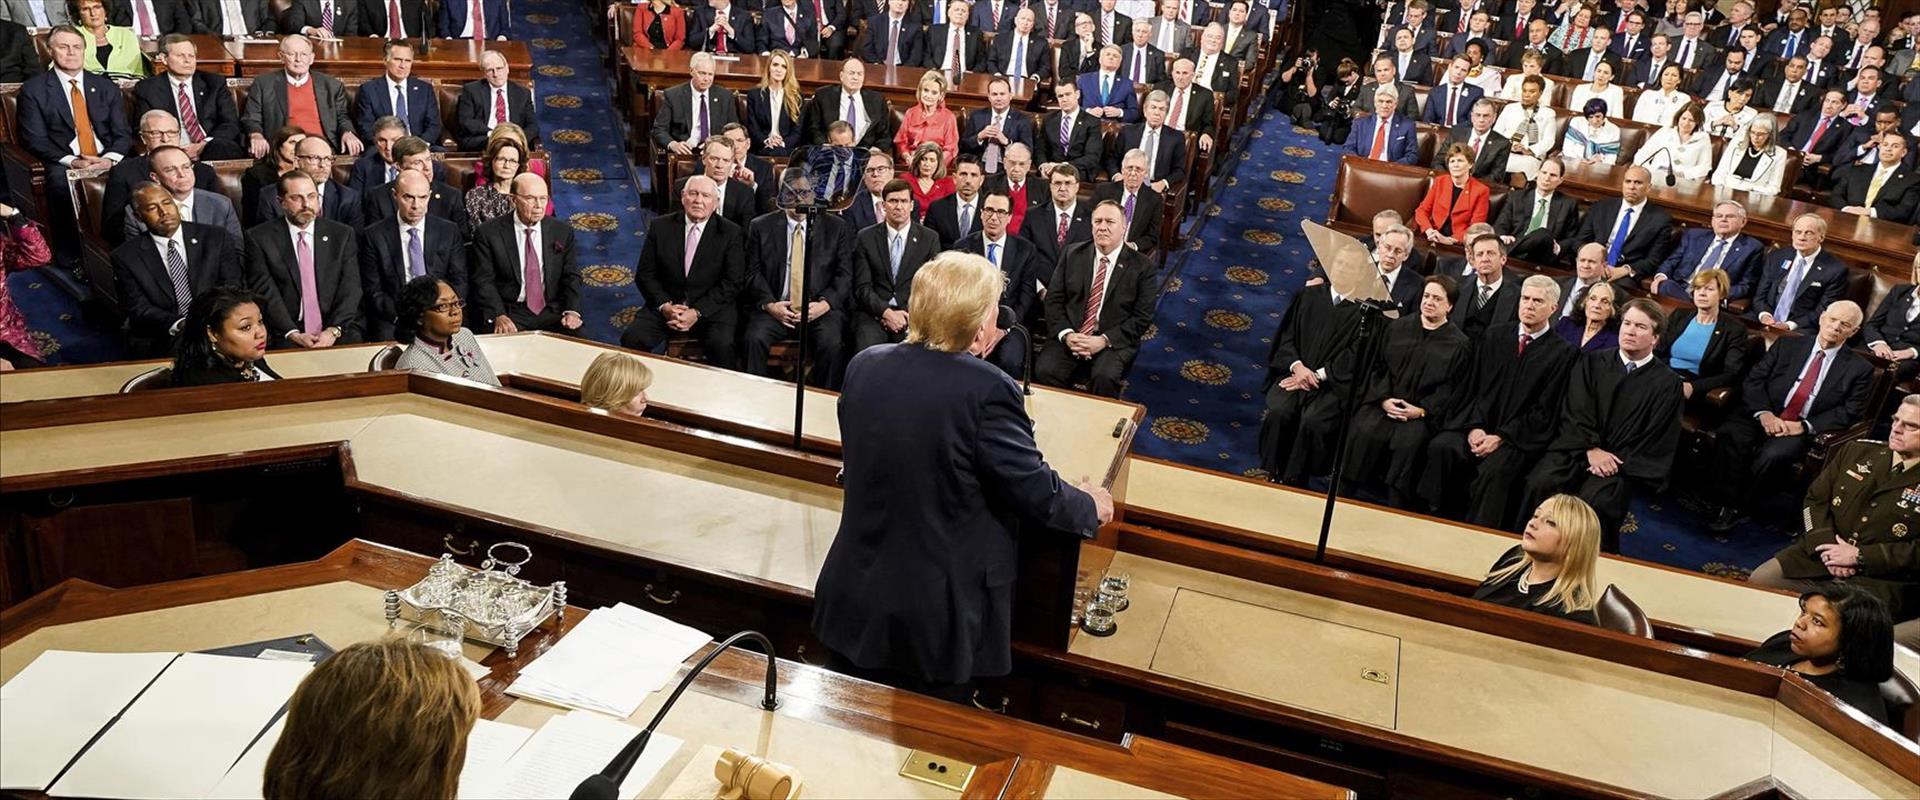 הקונגרס האמריקני